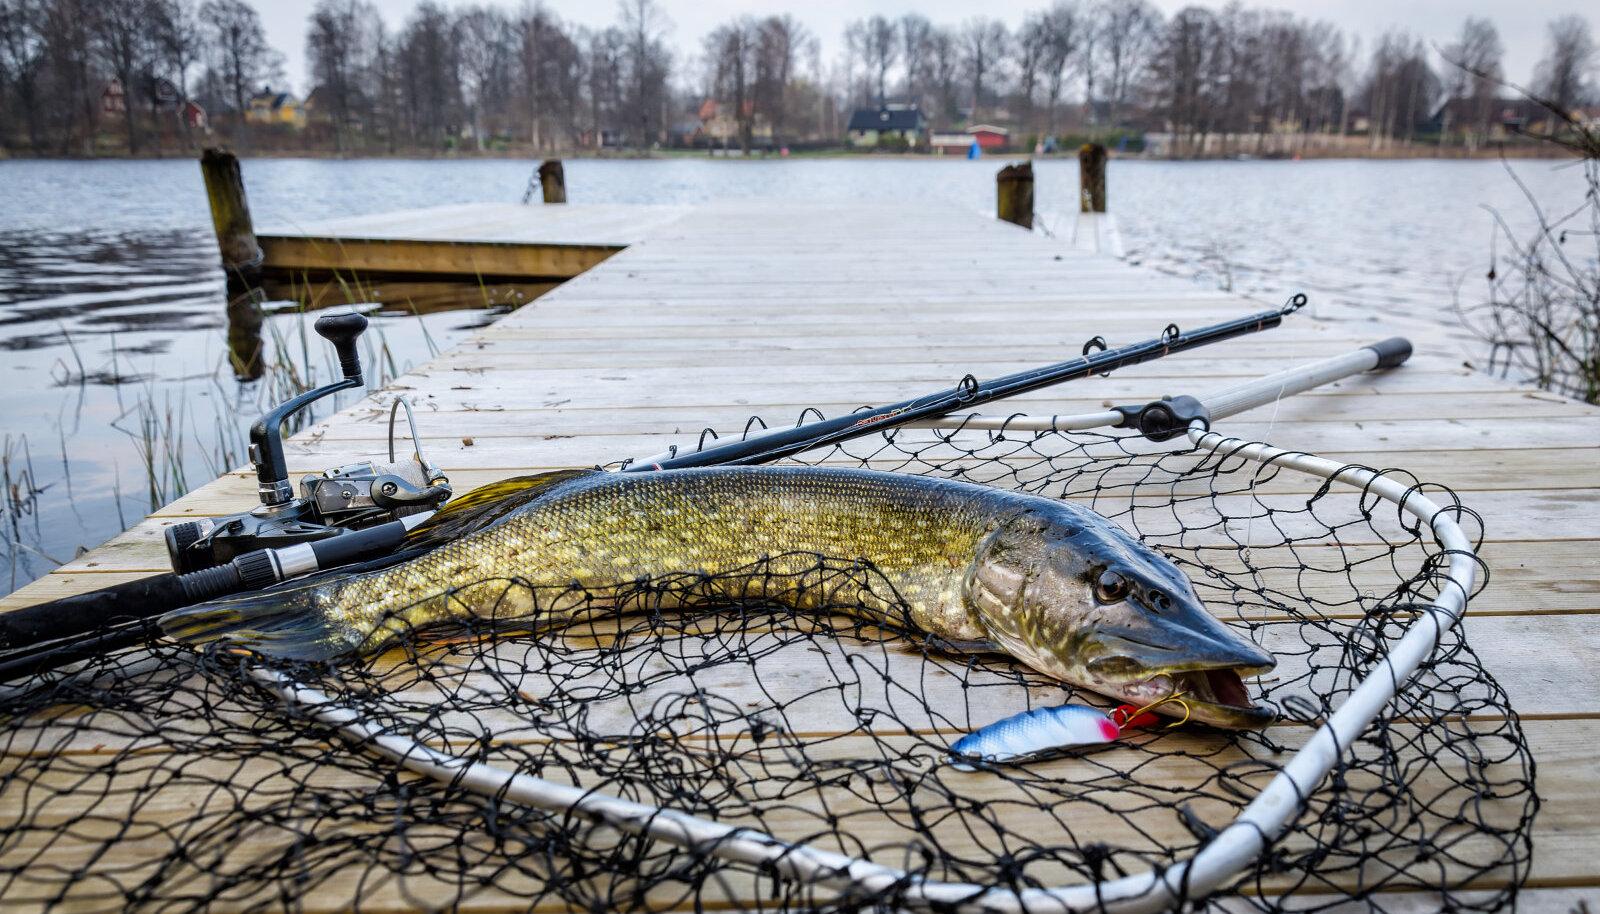 Kas tunned ära Eesti vetes - nii sisevetes kui meredes - ujuvad kalad?